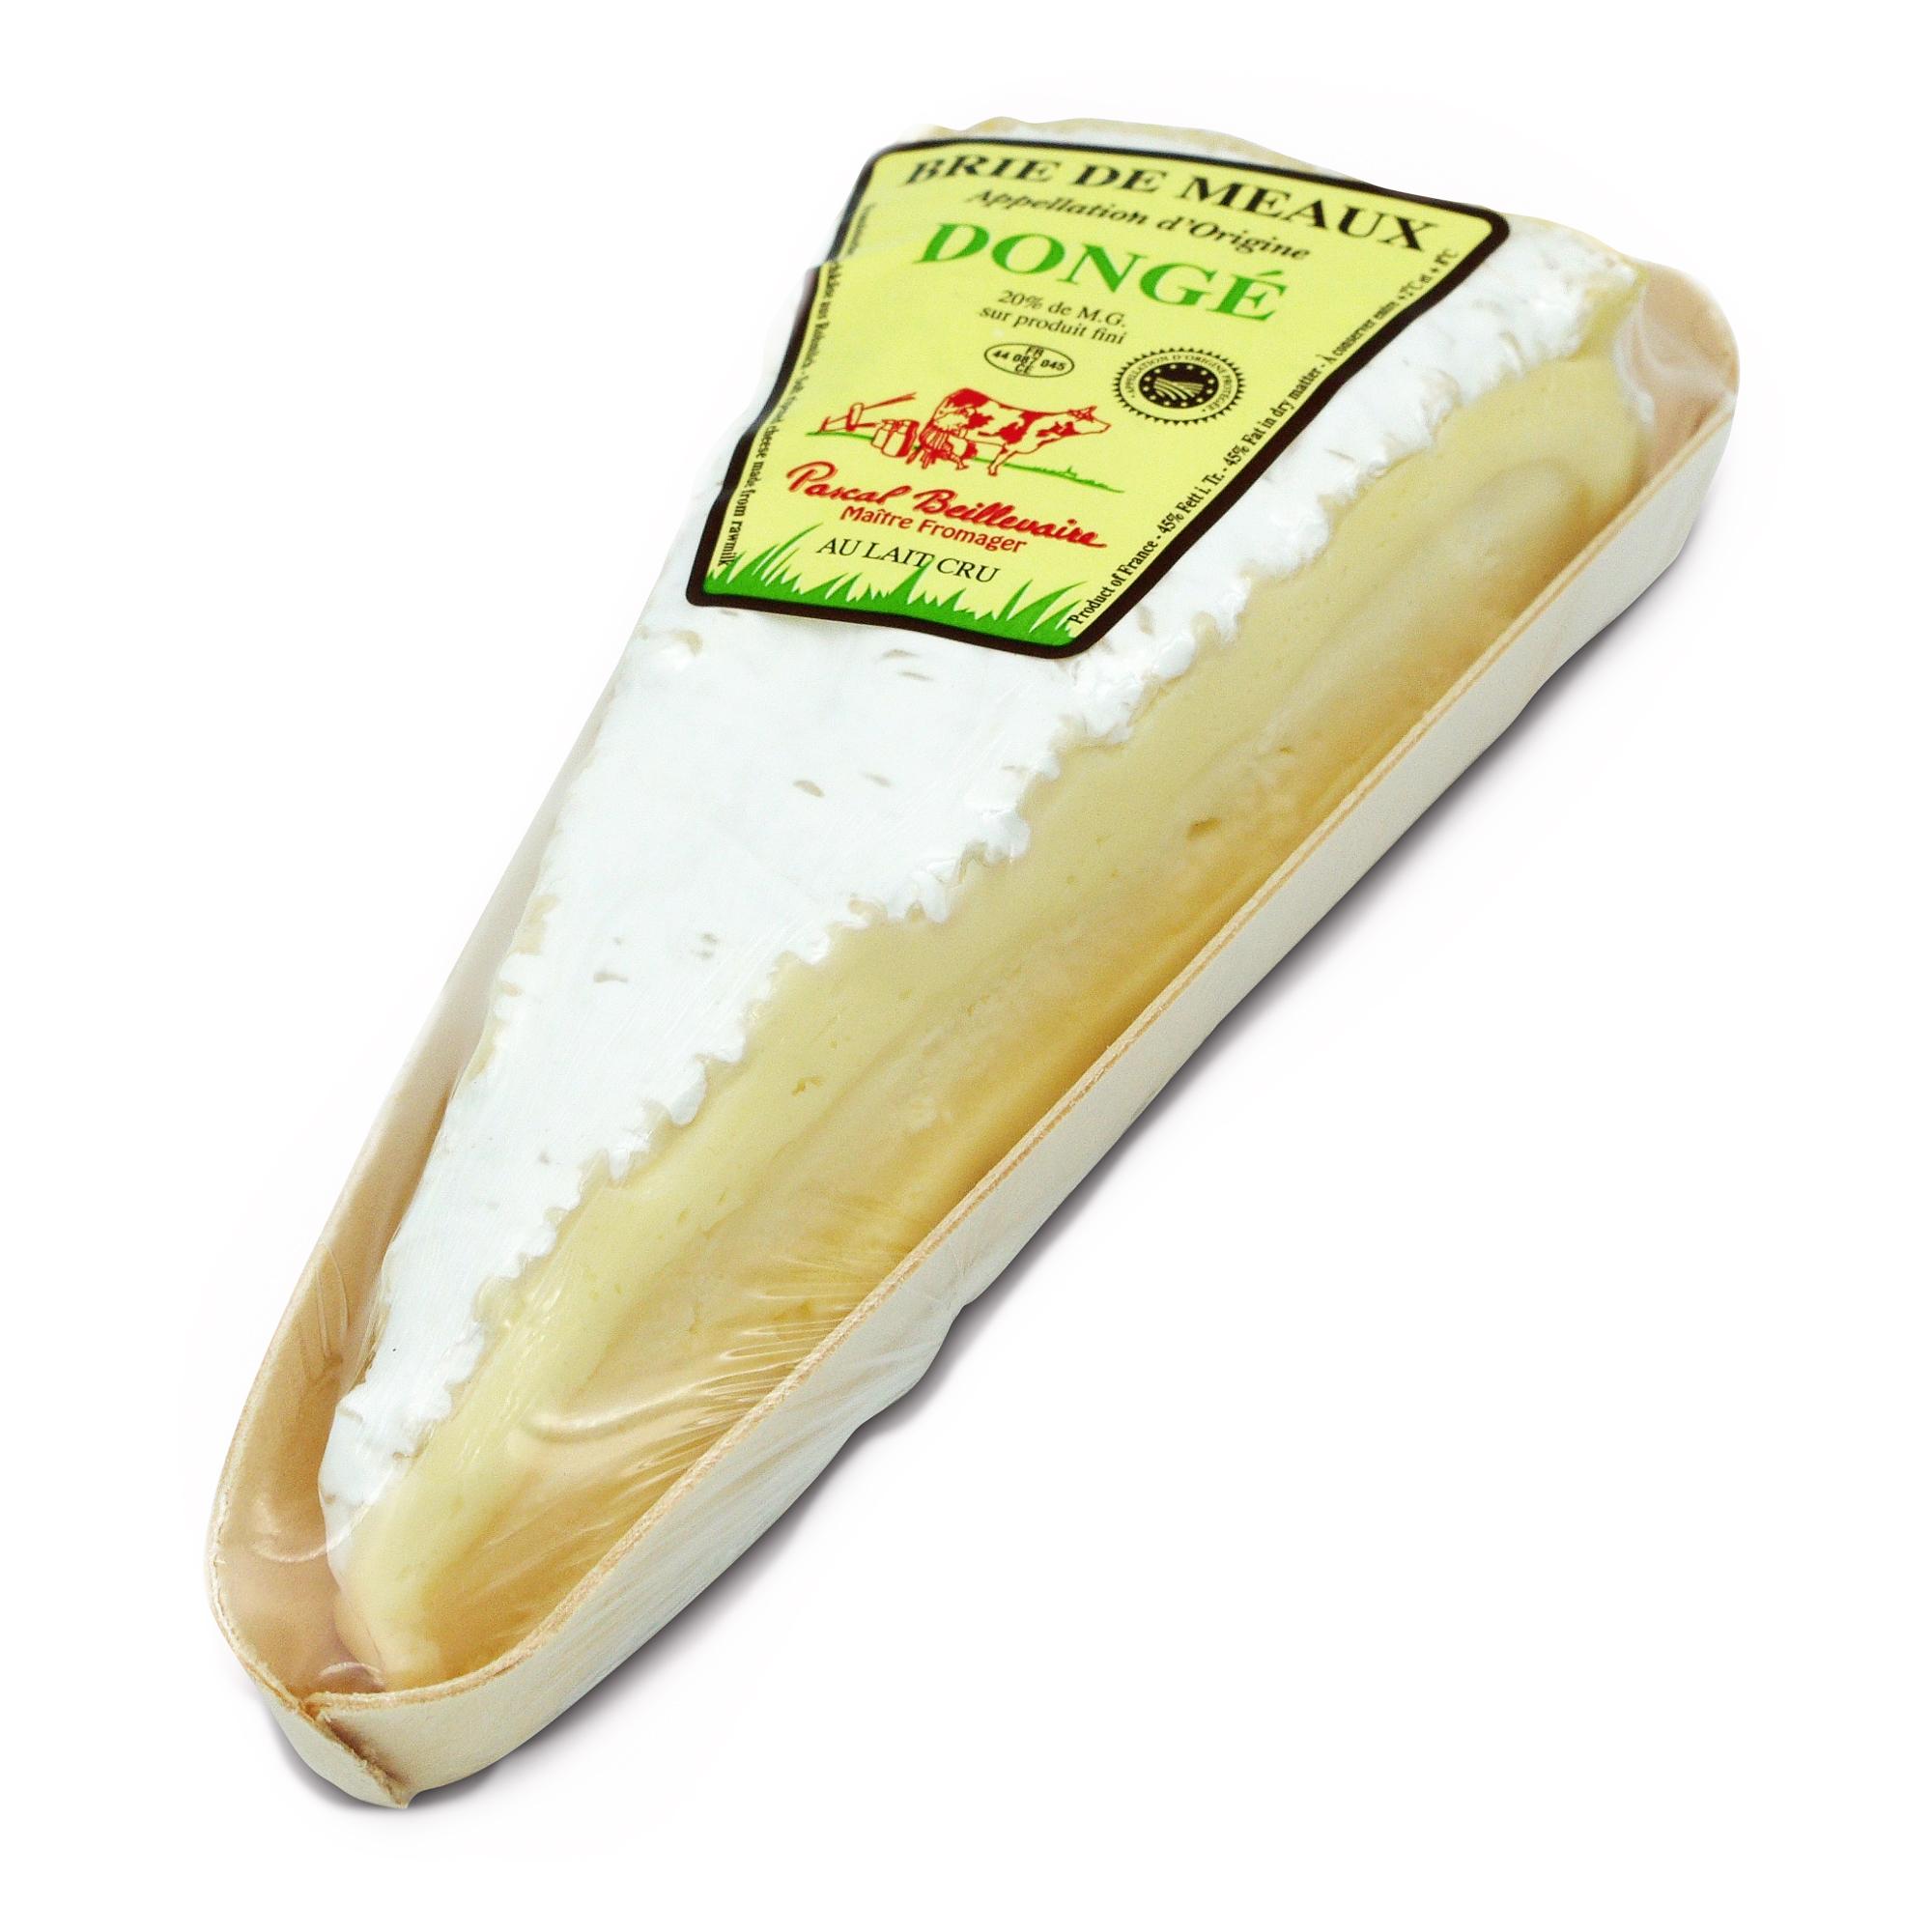 Dongé Brie de Meaux 200g A.O.P.